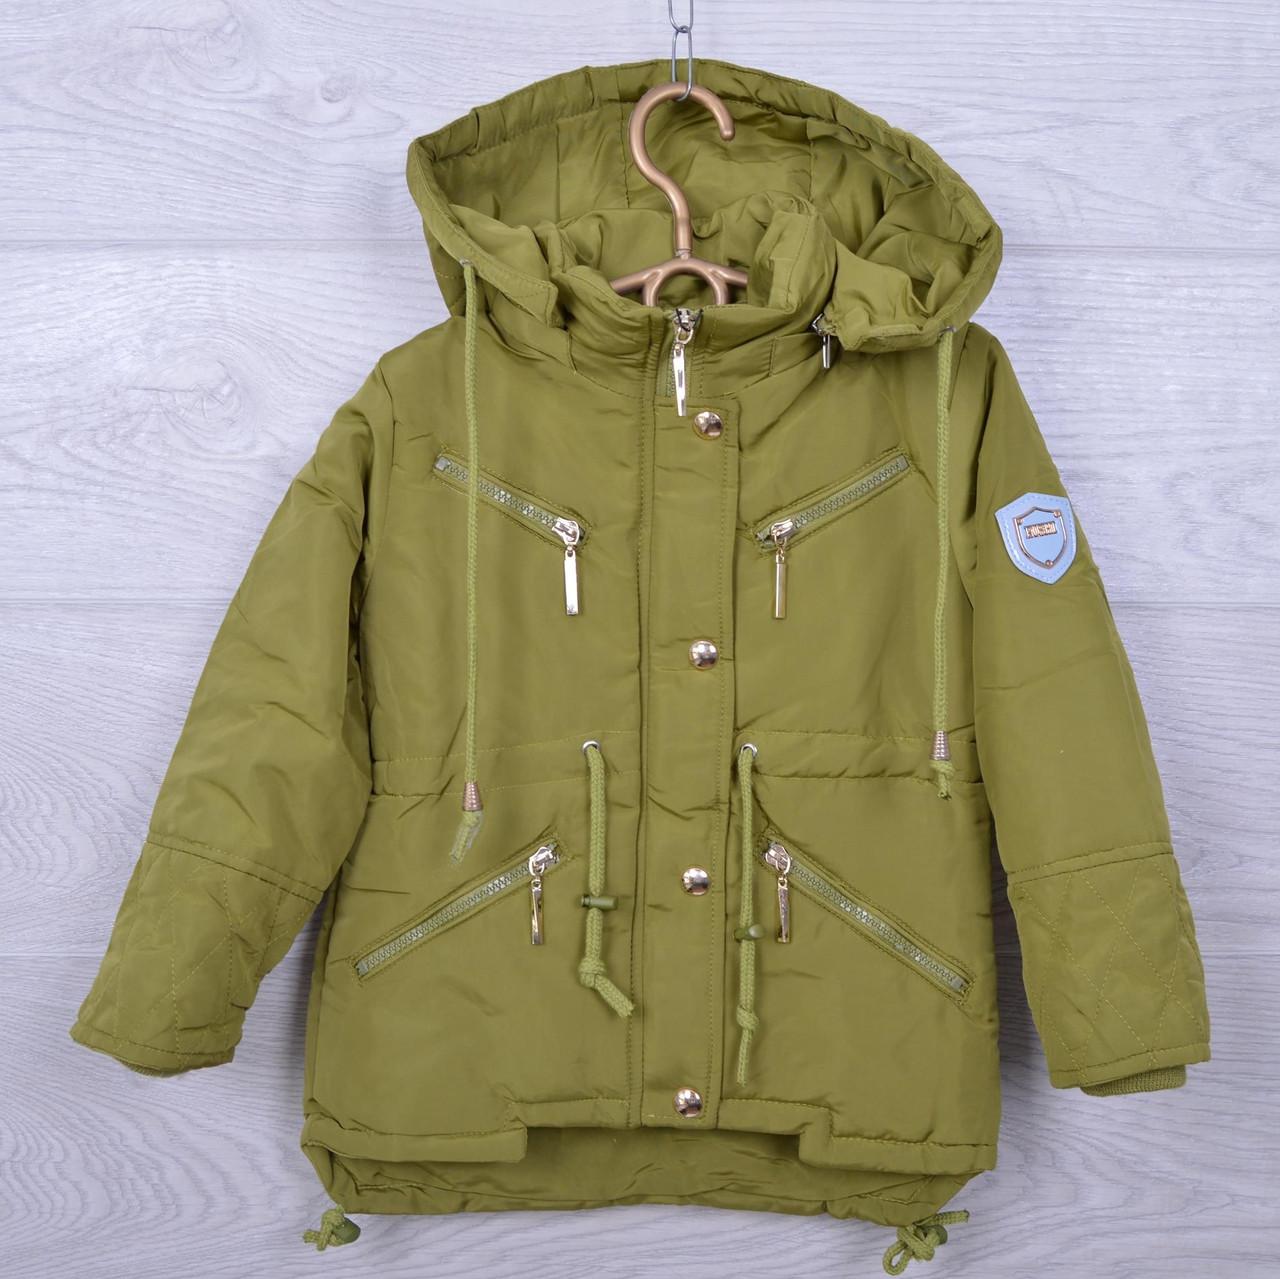 Куртка подростковая демисезонная DX-6606 для девочек. 128-146 см (8-11 лет). Хаки. Оптом.